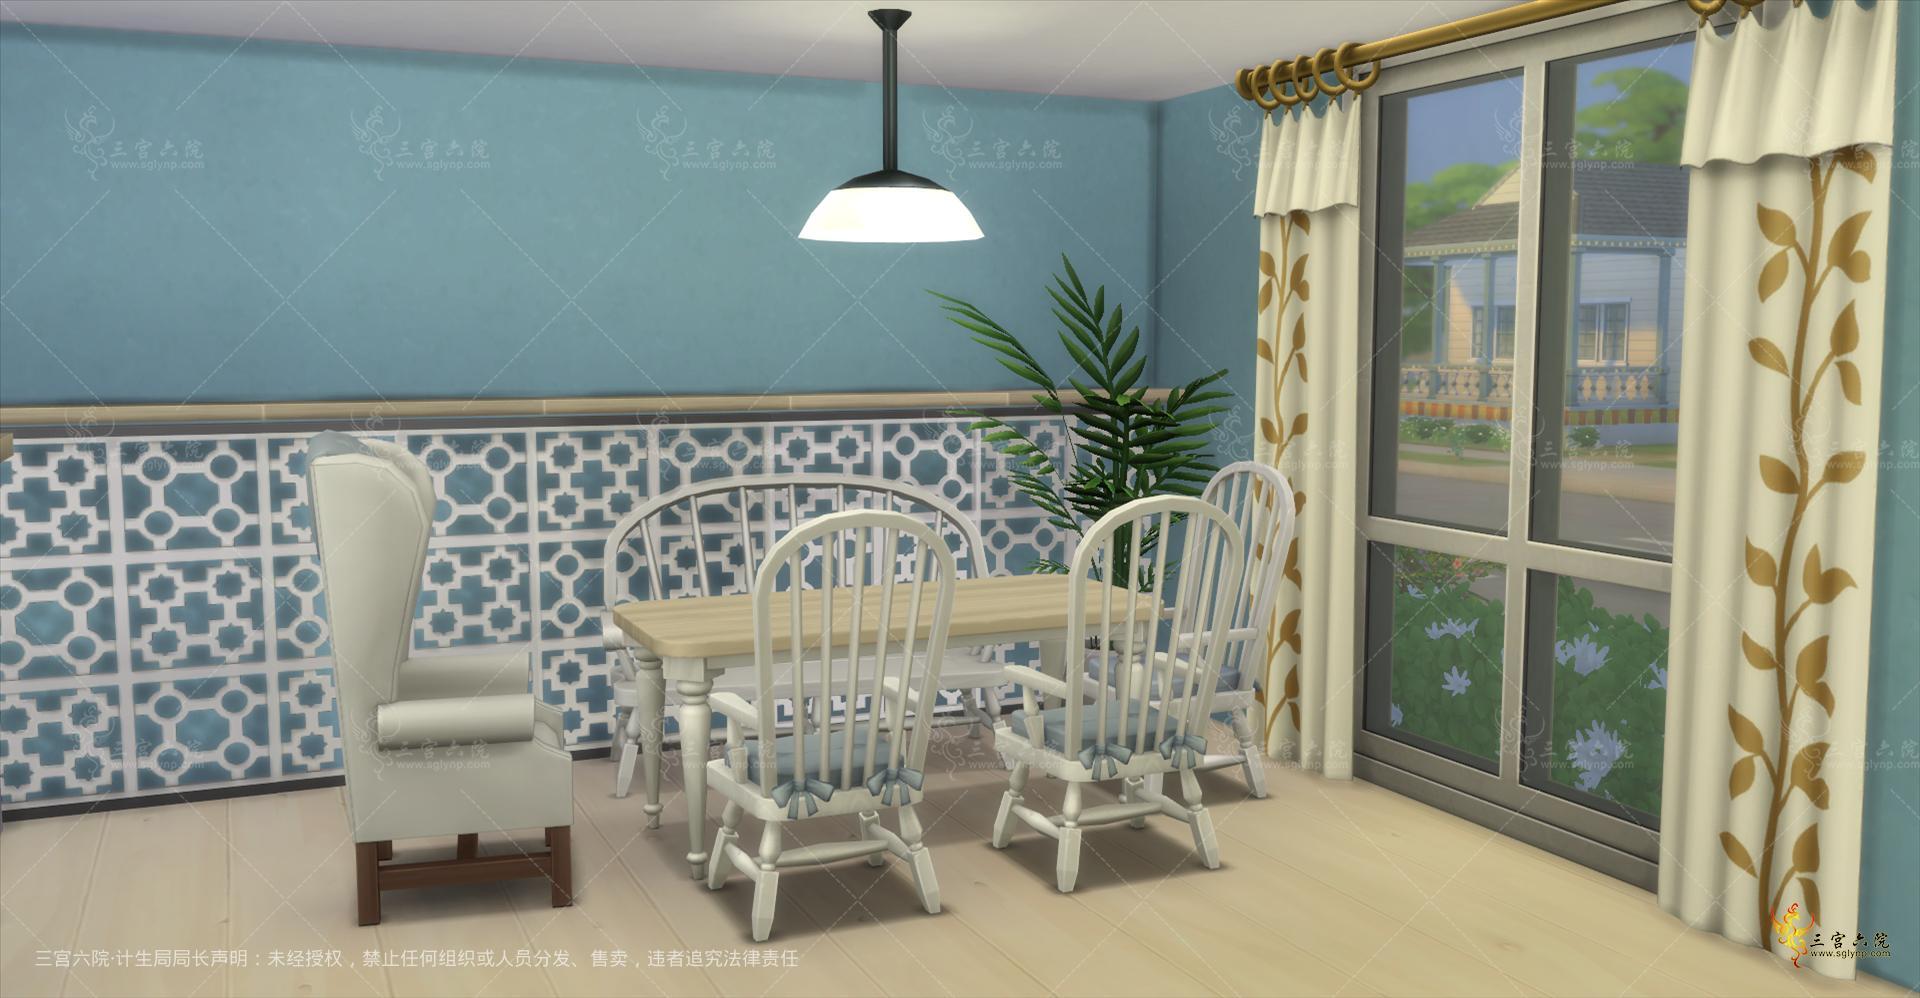 Sims 4 Screenshot 2021.08.19 - 11.09.35.11.png